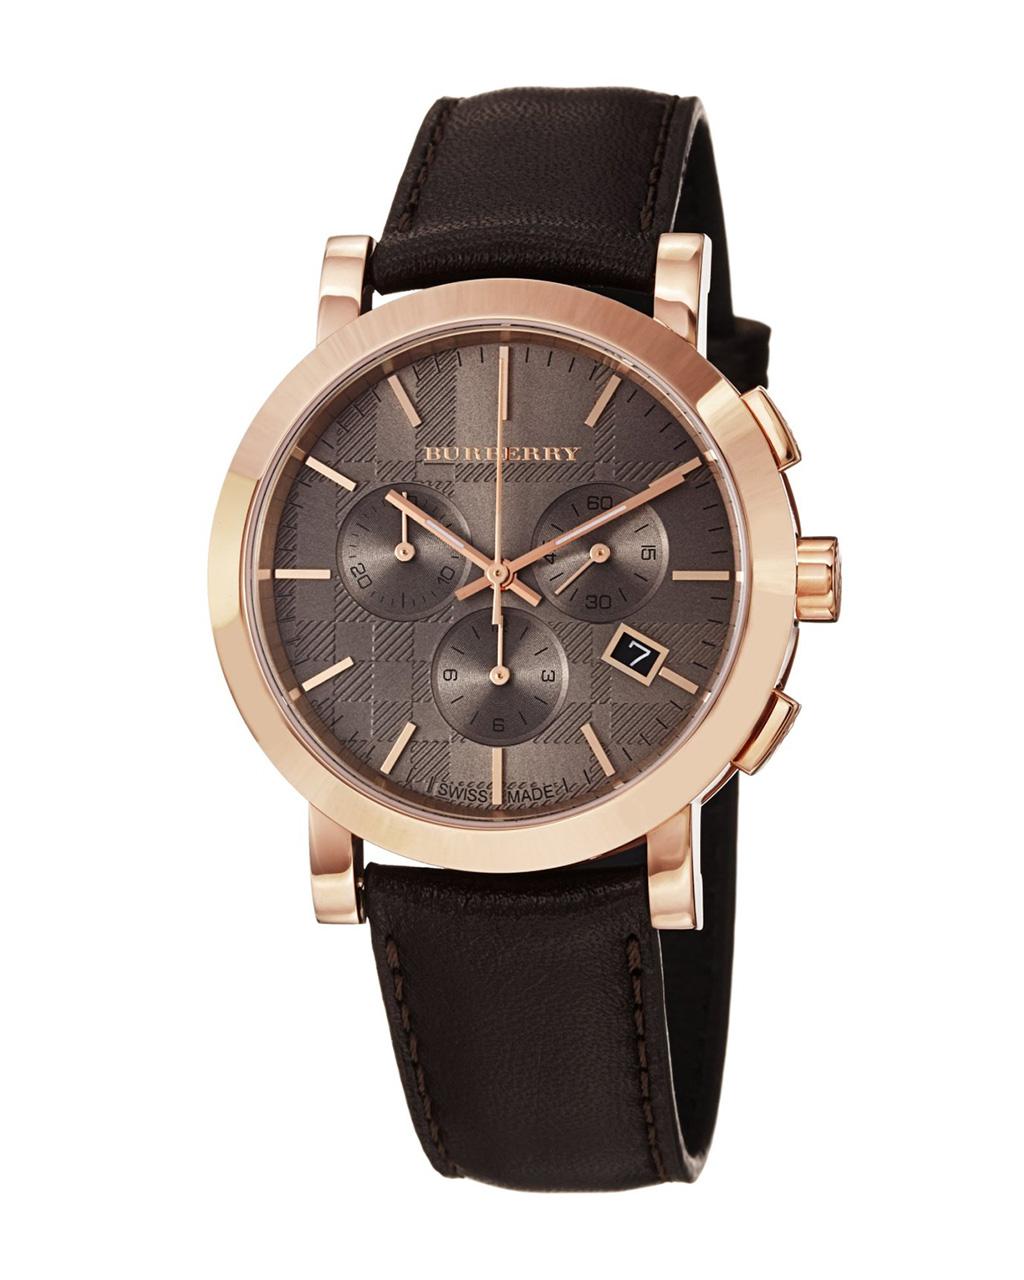 Ρολόι BURBERRY BU1863   προσφορεσ ρολόγια ρολόγια απο 300 έως 500ε